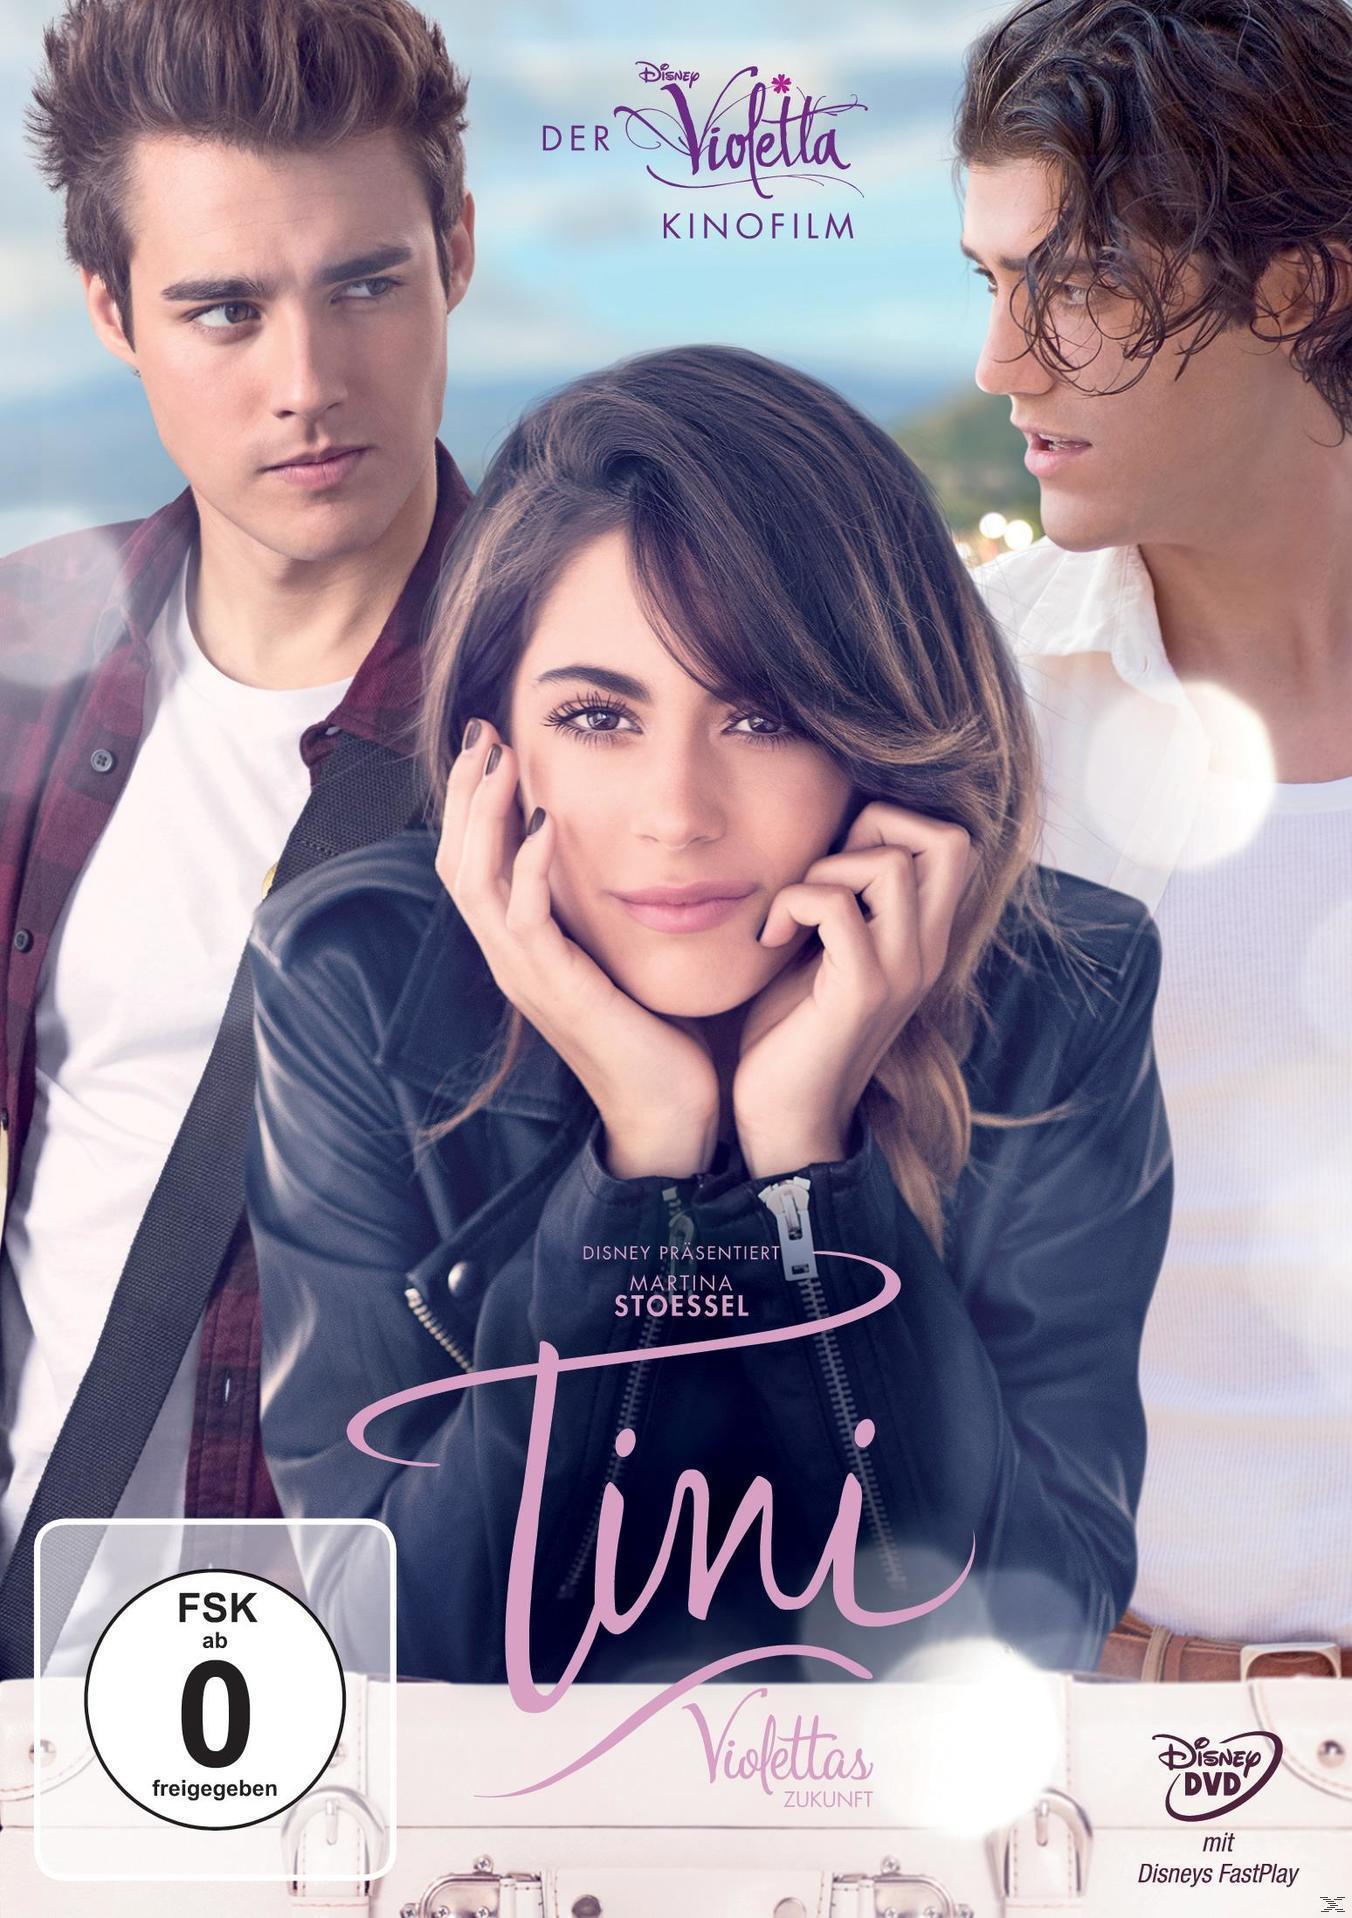 Tini - Violettas Zukunft (DVD) für 13,99 Euro